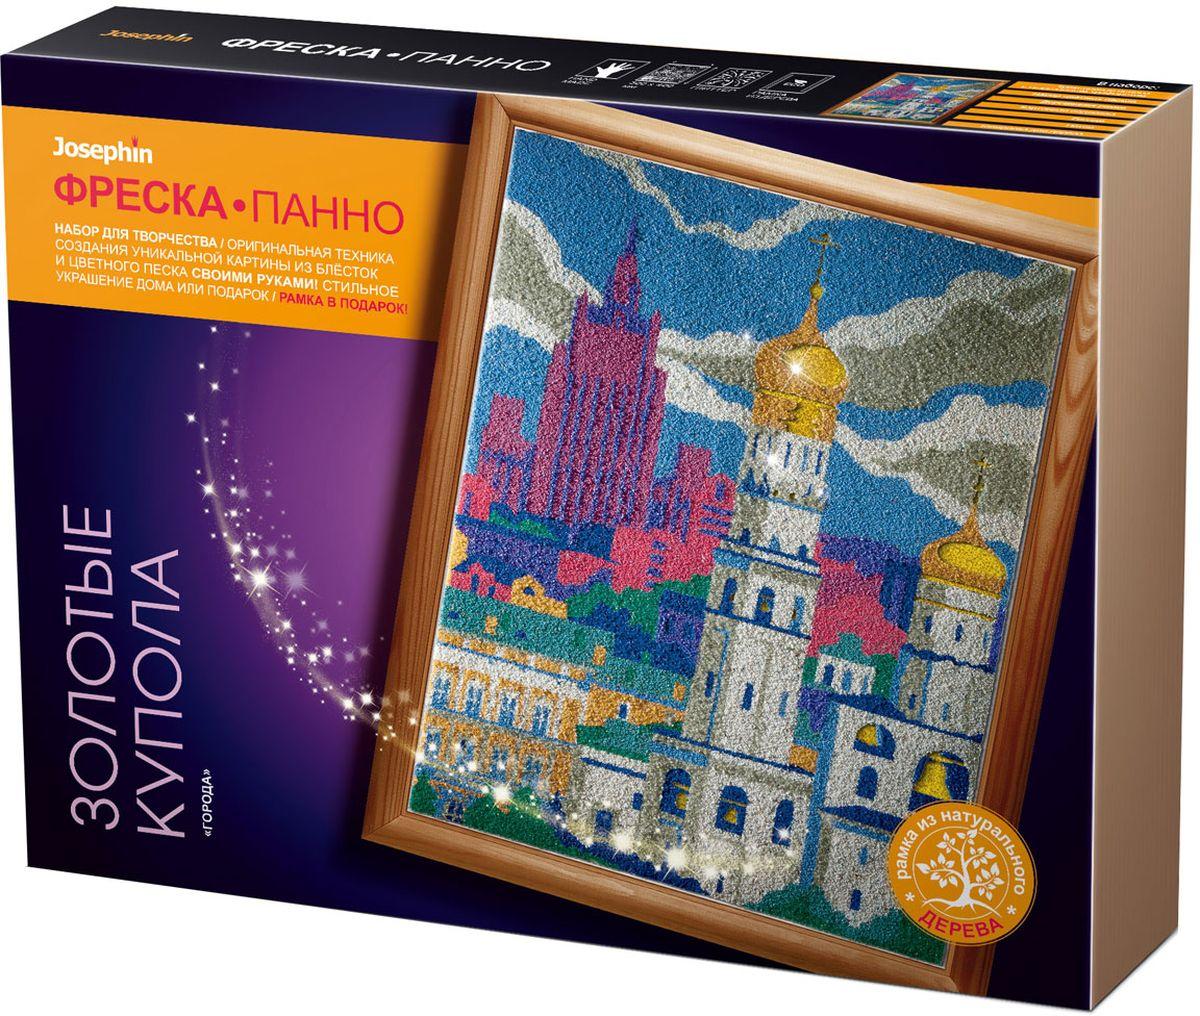 все цены на Josephin Набор для творчества Фреска-панно Города Золотые купола онлайн